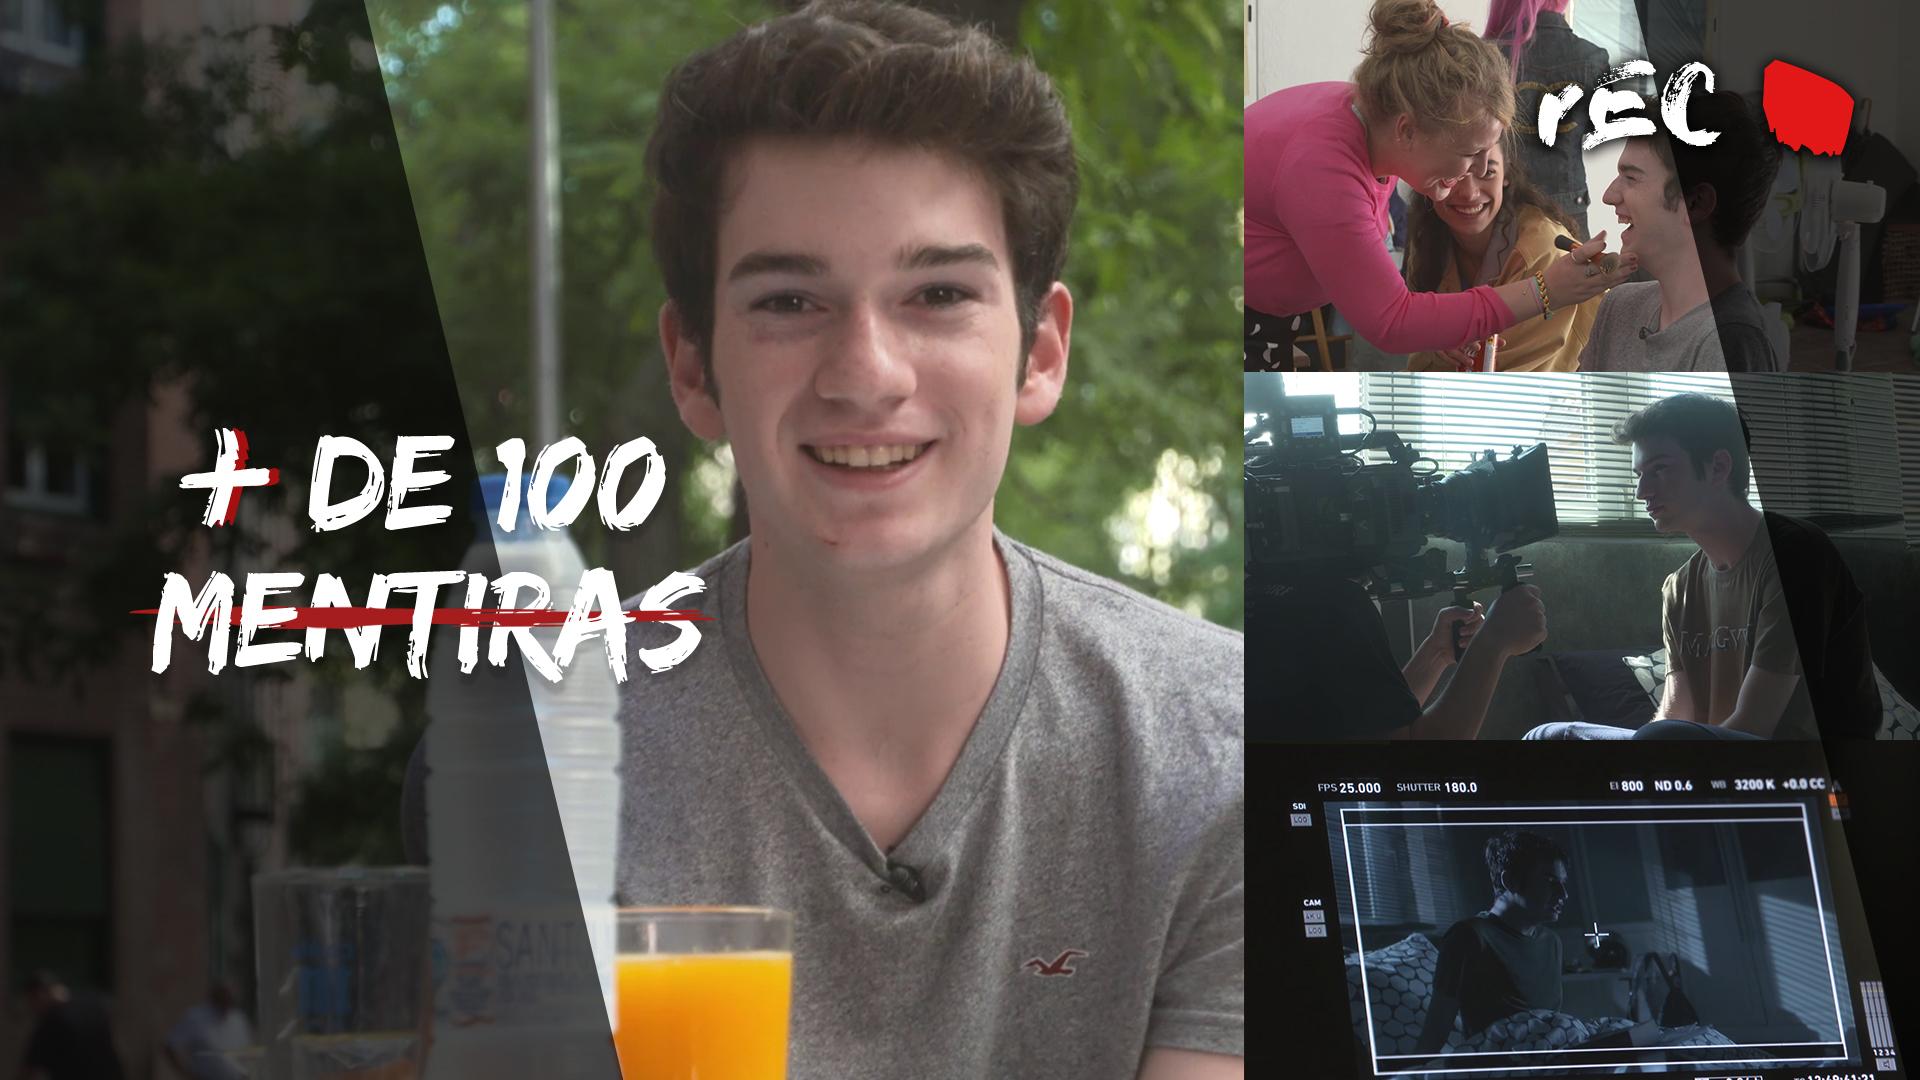 Temporada 1 Jorge Motos, Alan en  'Más de 100 mentiras'